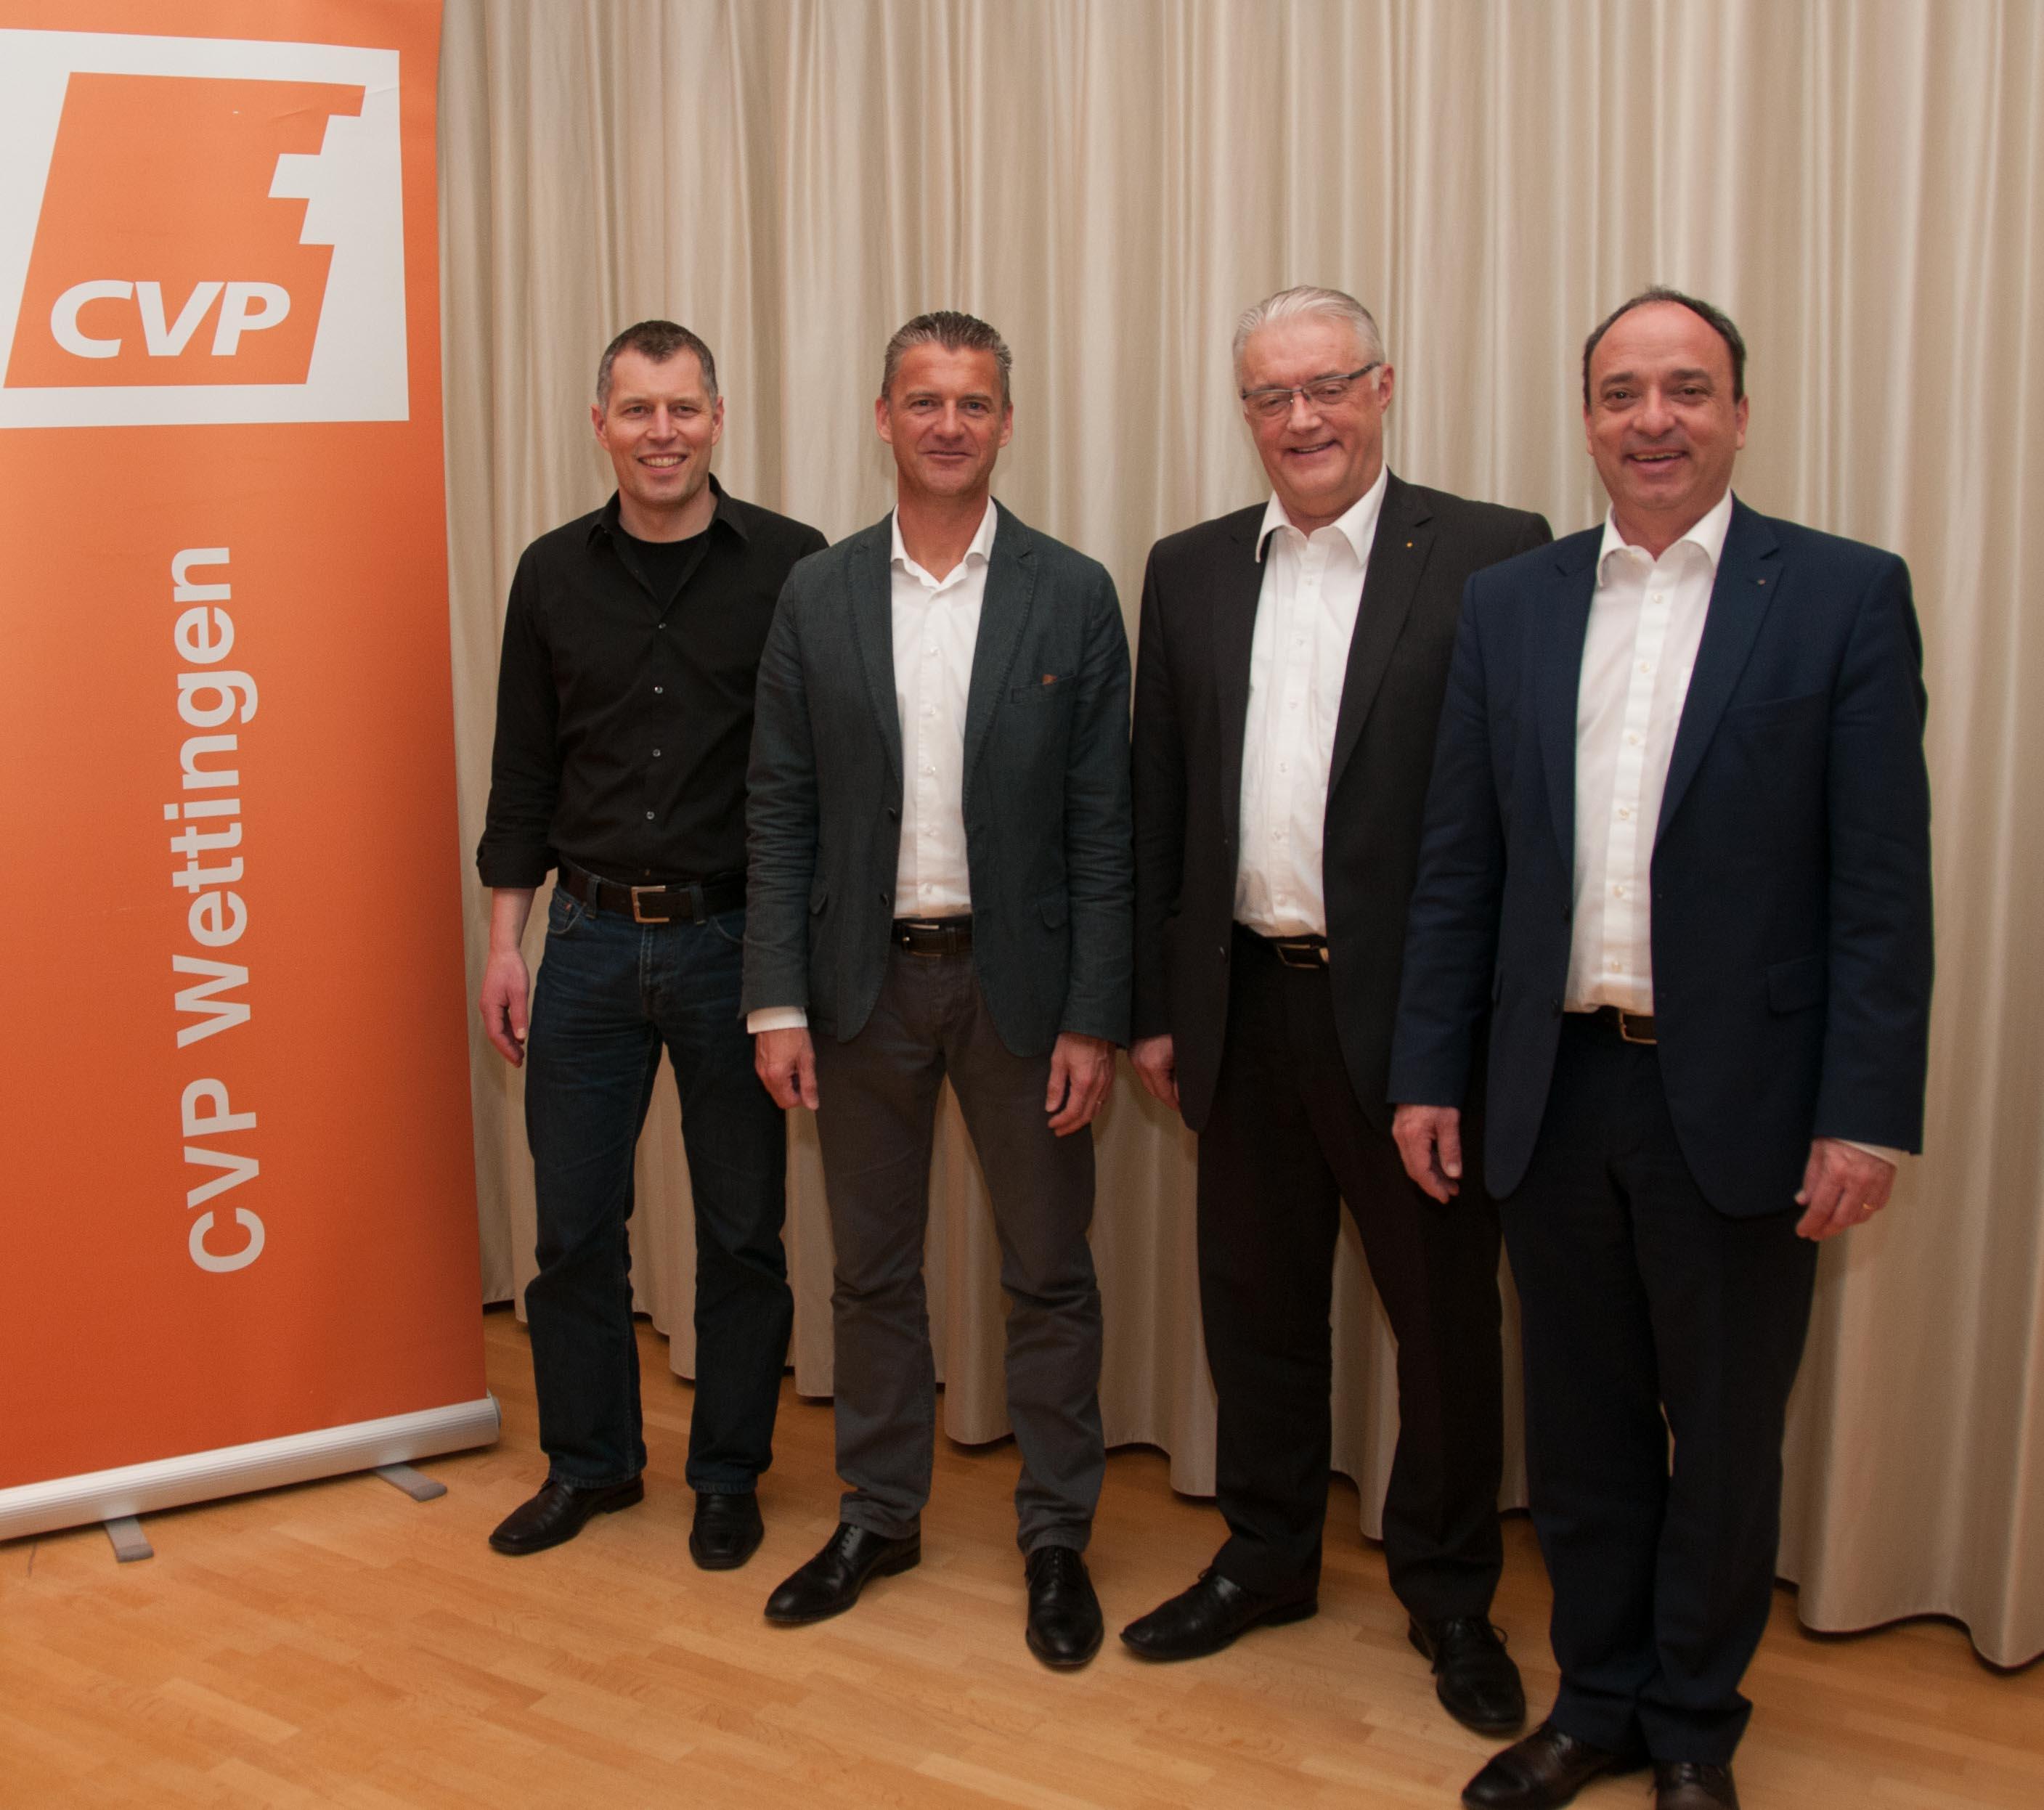 Die Kandidaten für die Grossratswahlen: v.l. Markus Zoller, Roland Michel, Roland Kuster, Markus Dieth.